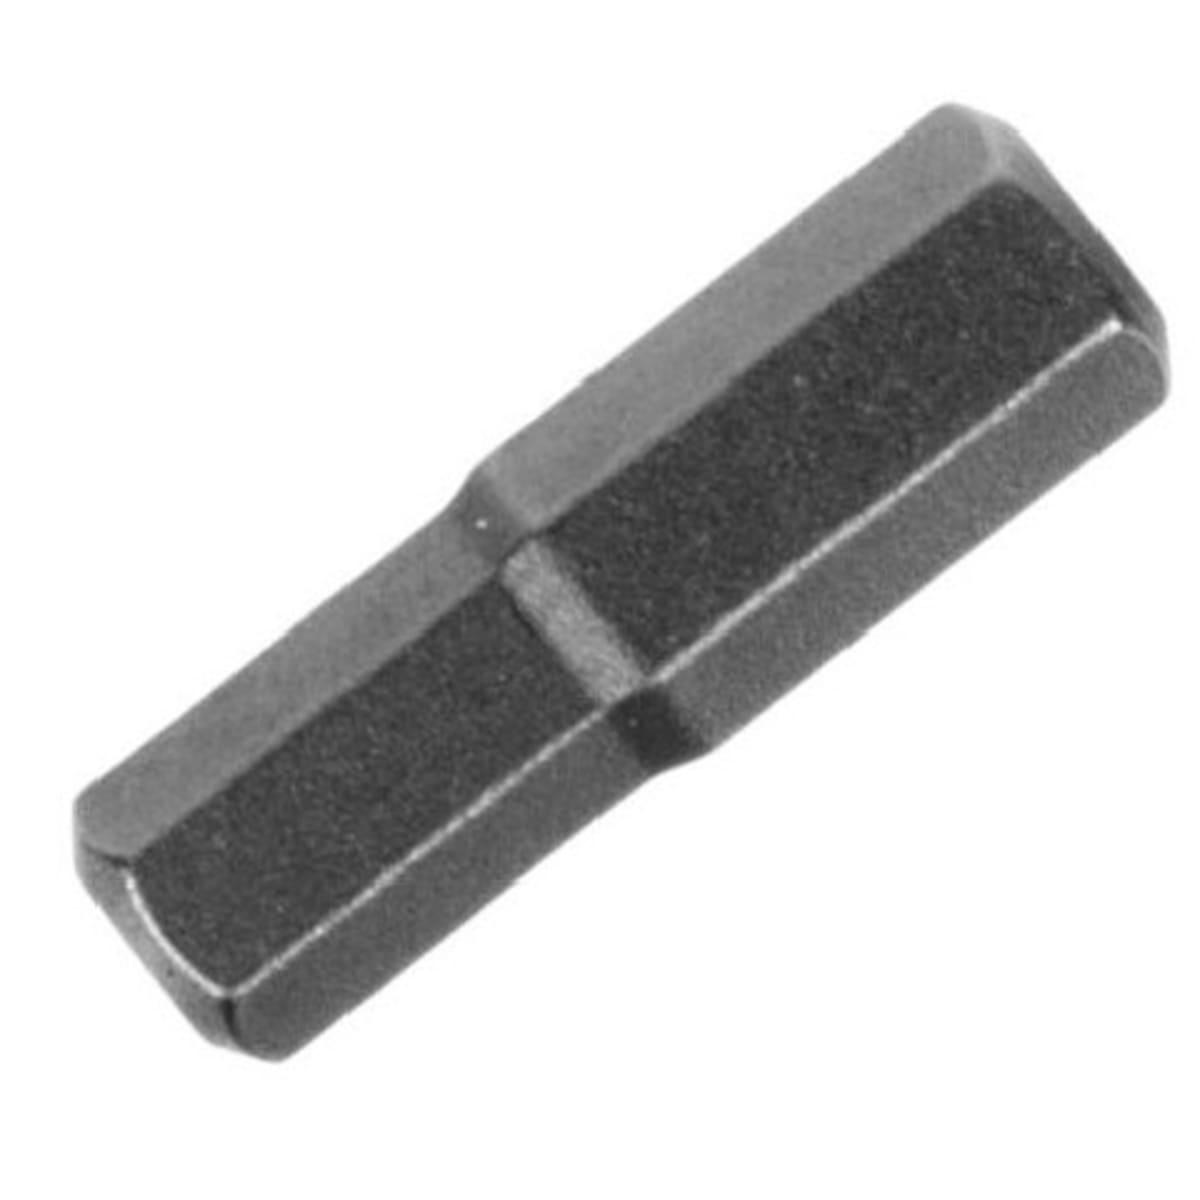 Биты Dexell, H7, 25 мм, 2 шт.